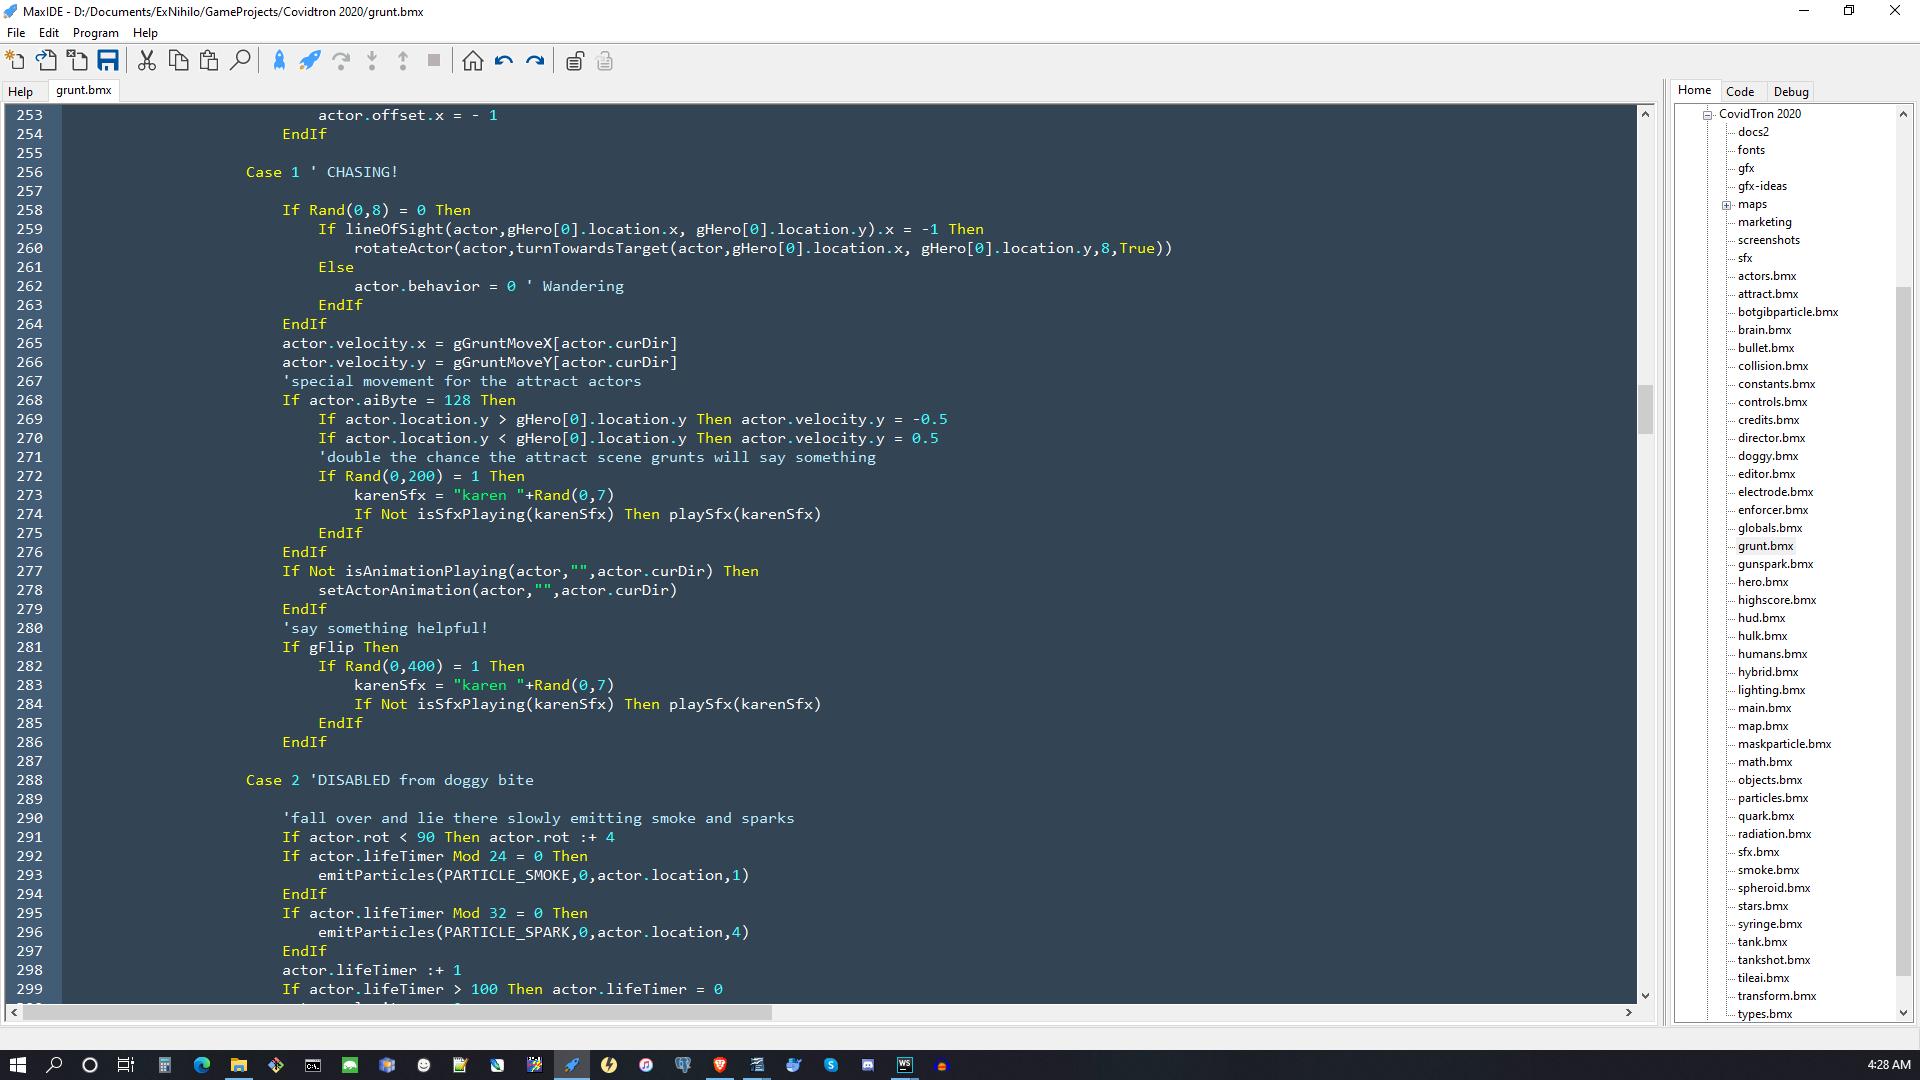 grunt code